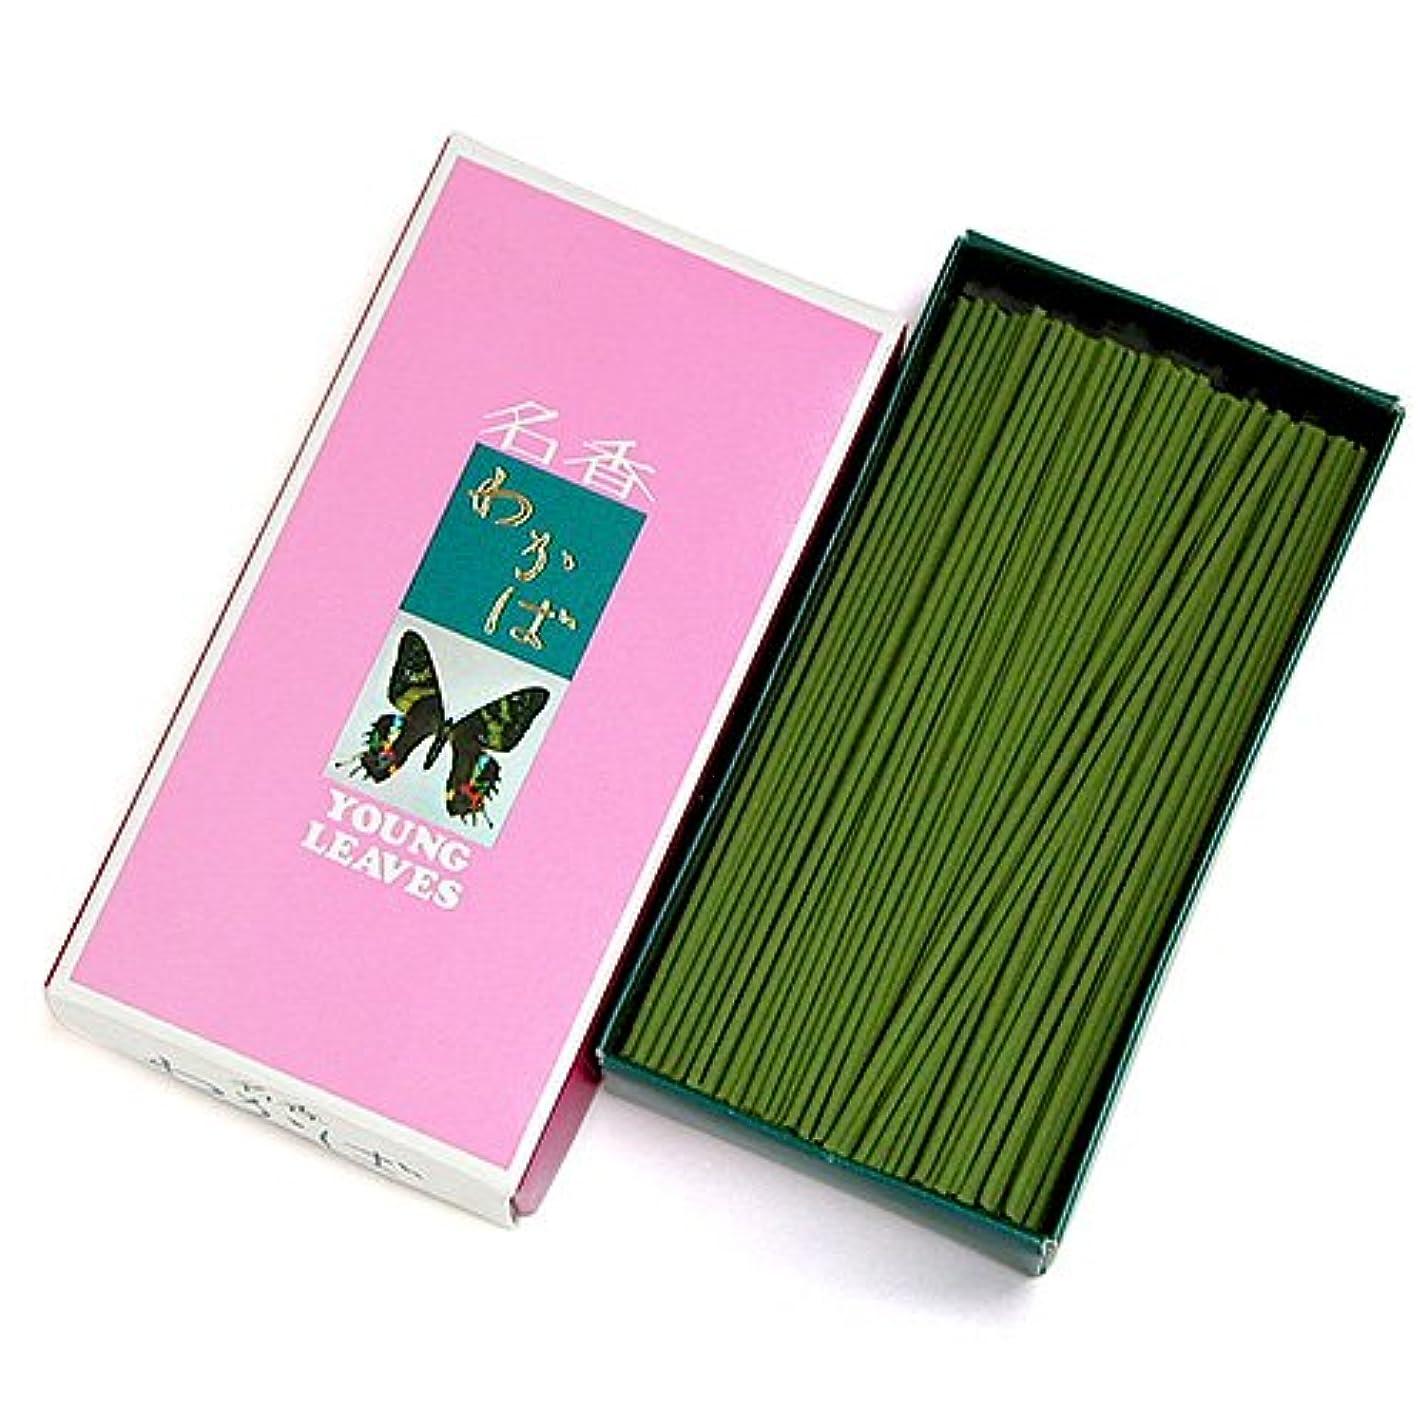 ミサイル少し溝家庭用線香 わかば(箱寸法16×8.5×3.5cm)◆香木と調和した香水の香りのお線香(大発)